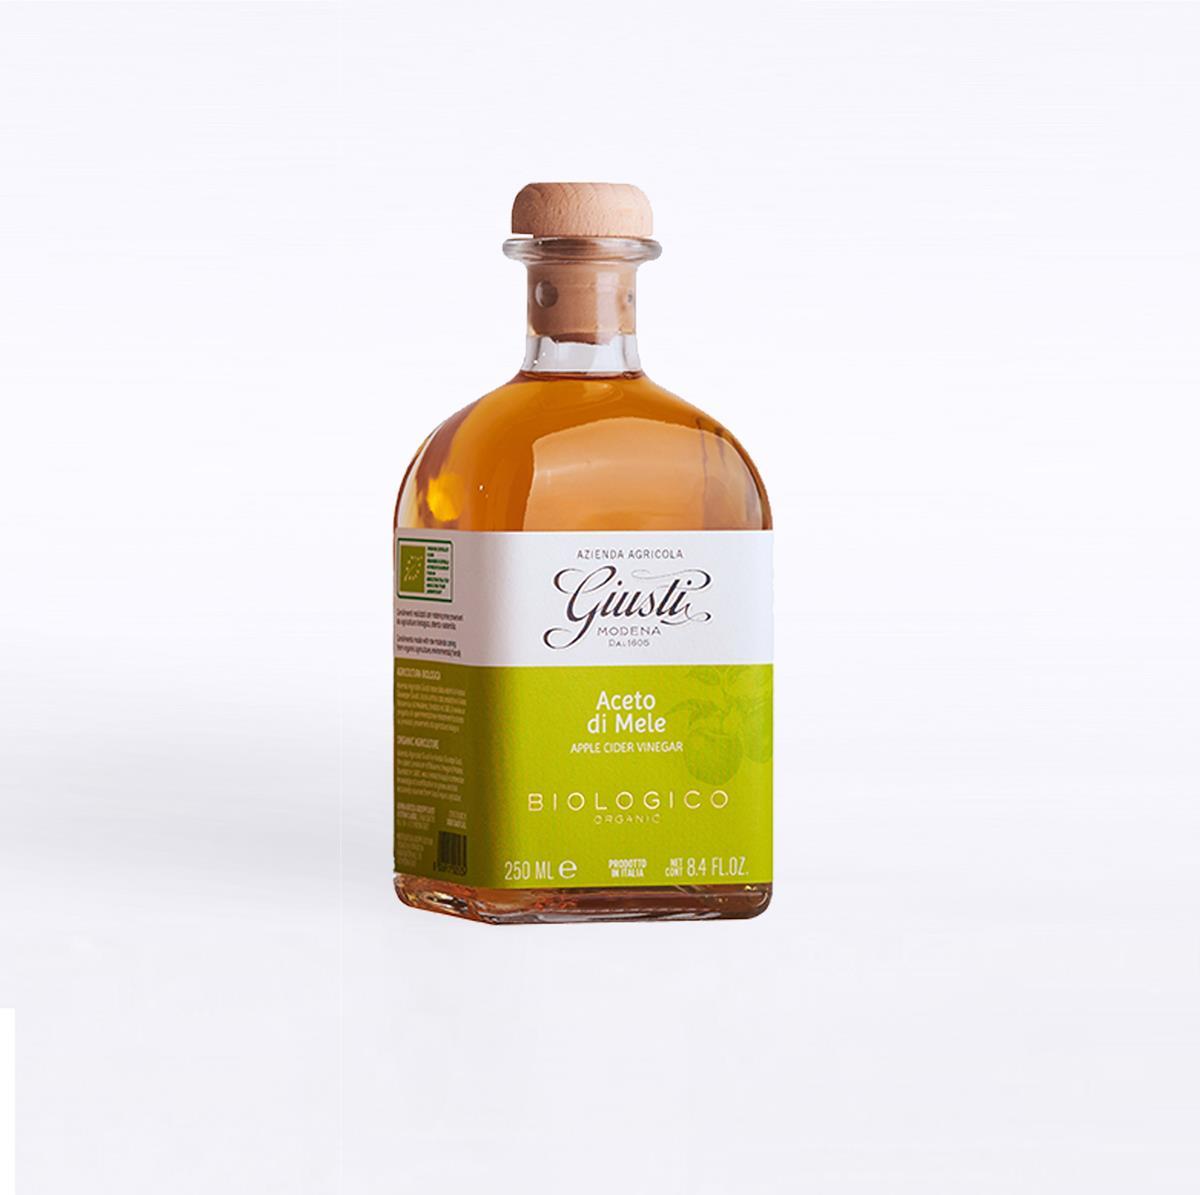 Aceto di mele Biologico - Classico 250 ml